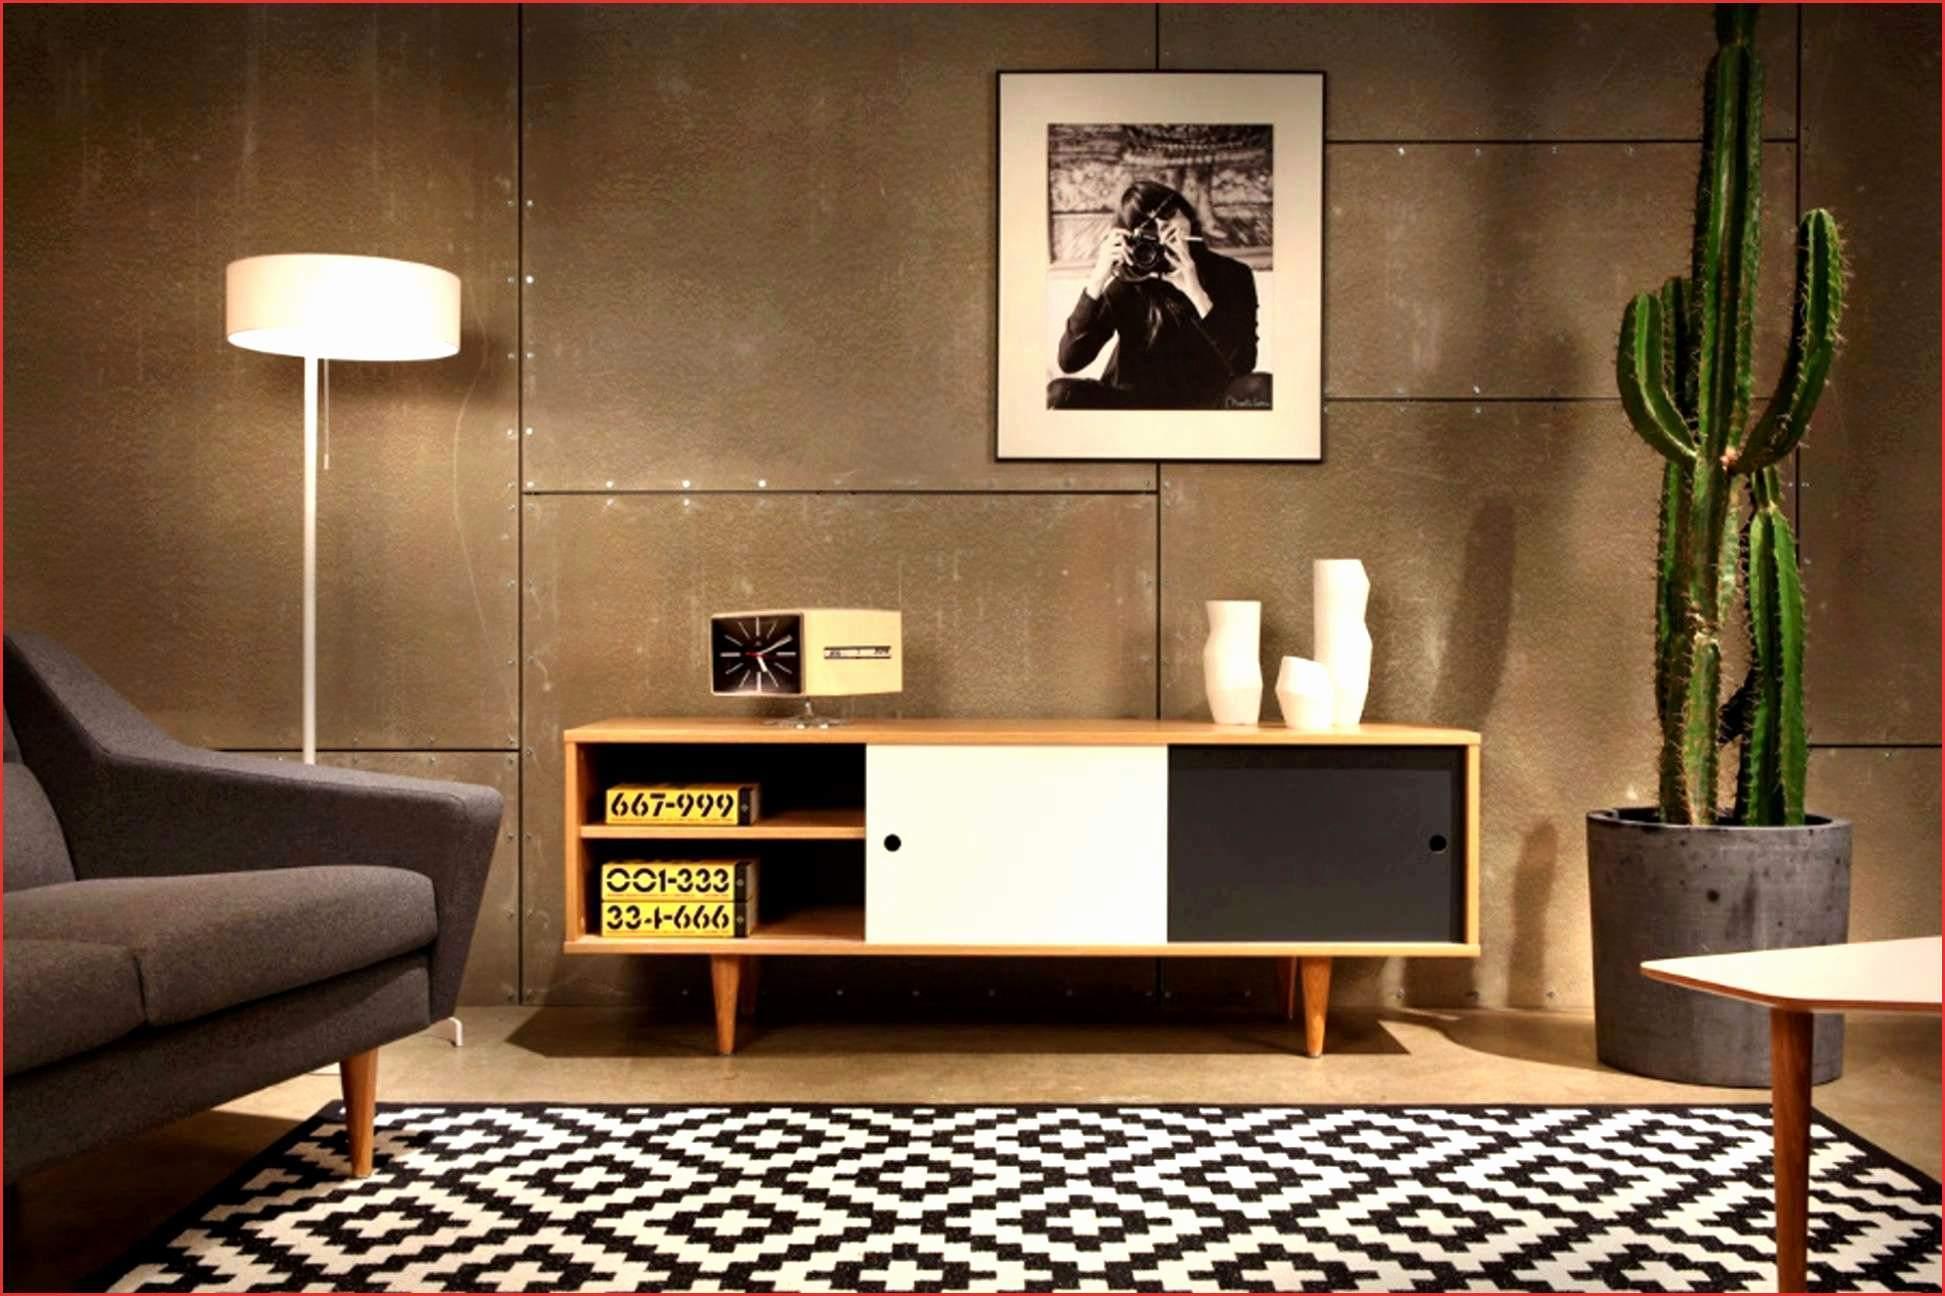 Full Size of Deckenlampe Wohnzimmer Modern Deckenleuchten Genial Led Deckenleuchte Modernes Bett 180x200 Kommode Beleuchtung Schlafzimmer Schrankwand Lampe Esstisch Sessel Wohnzimmer Deckenlampe Wohnzimmer Modern